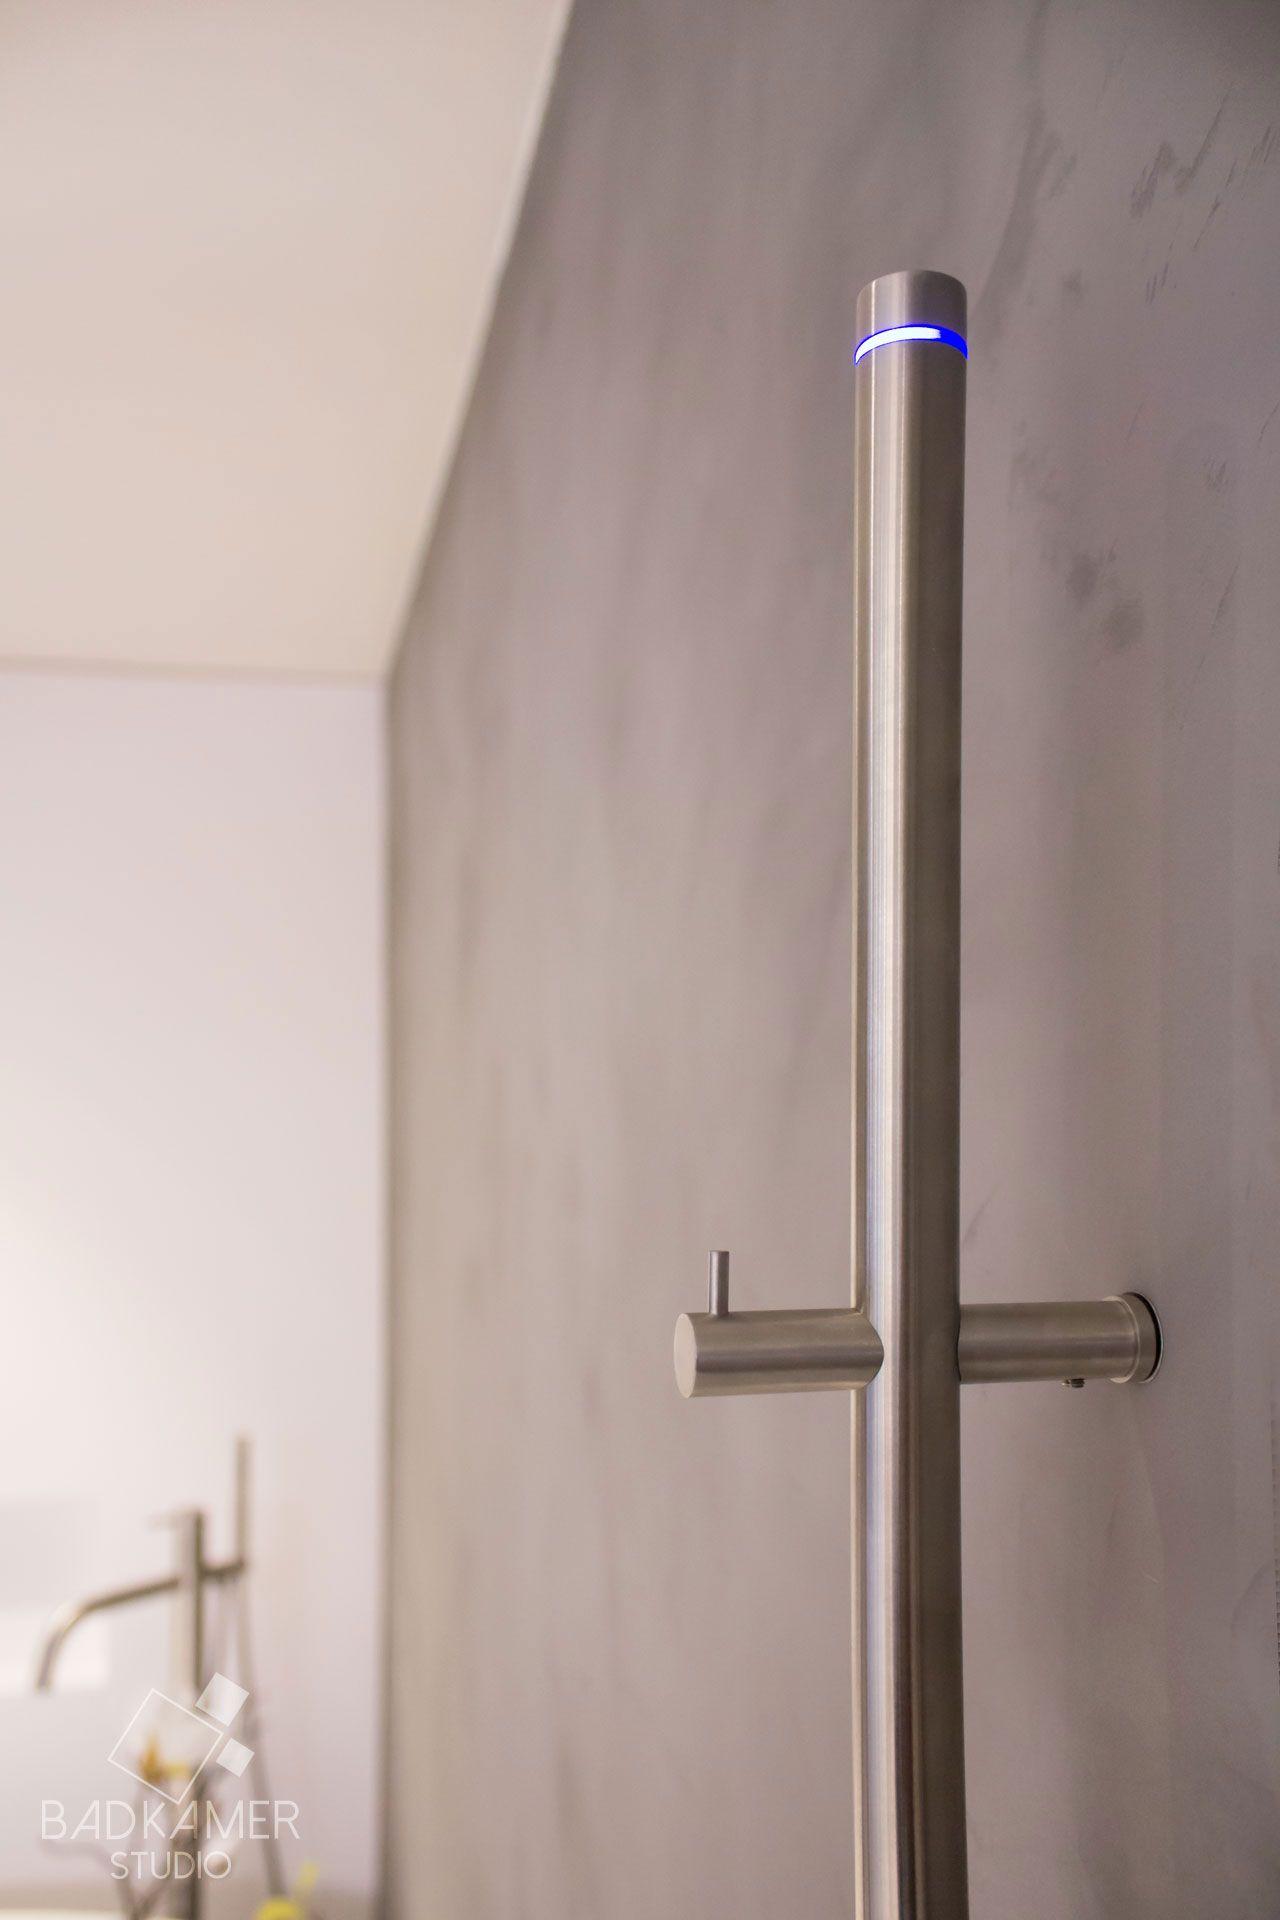 Elektrische RVS handdoek radiator de JAY van Instamat, 172 cm ...